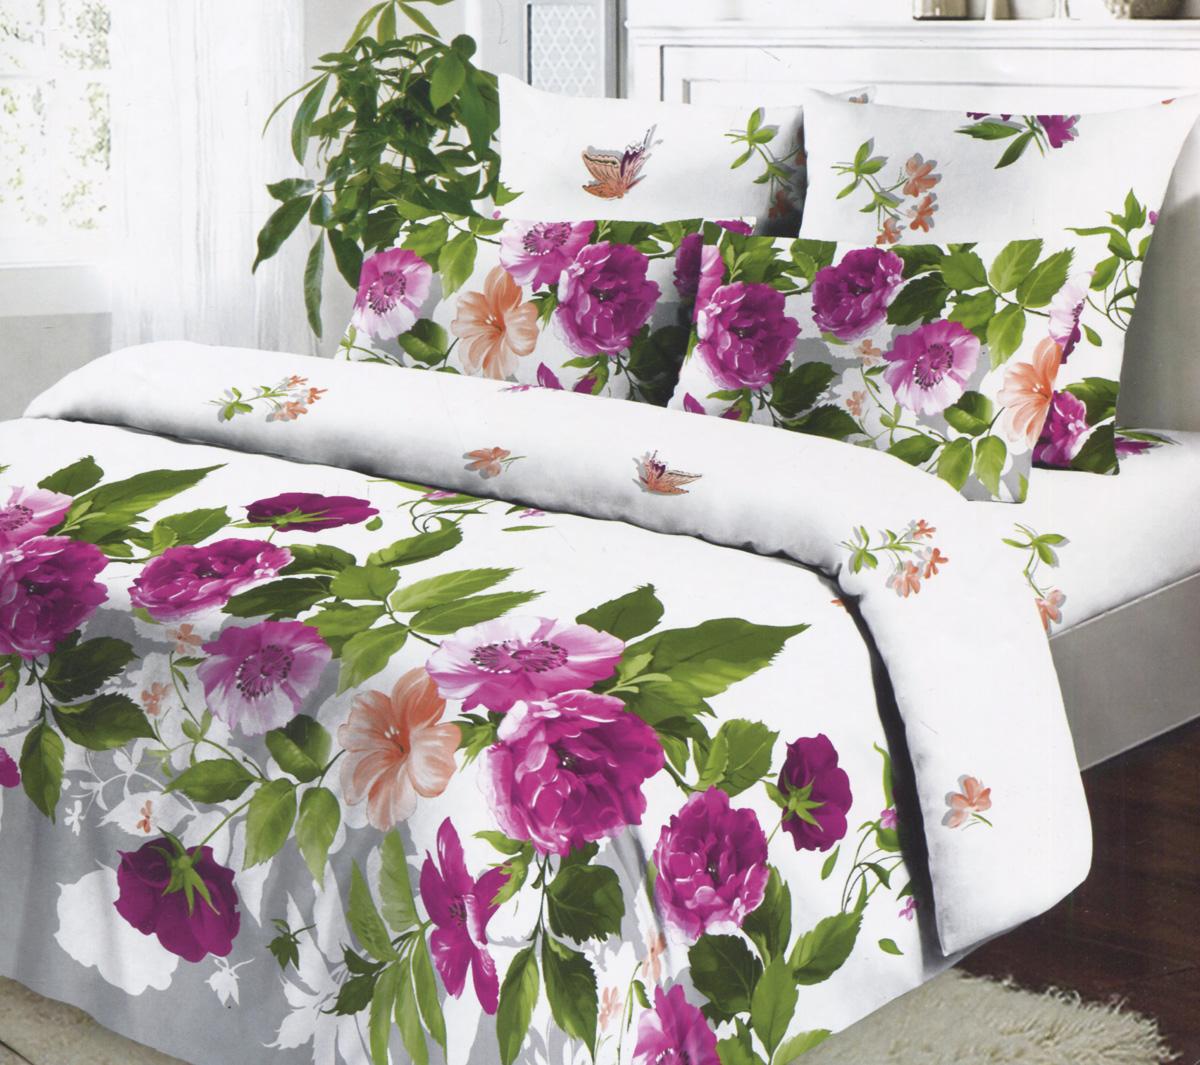 Комплект белья Коллекция Пионы в цвету, 2-спальный, наволочки 70х70, цвет: белый, фиолетовый, зеленыйОБК-2/70 5074.1Комплект белья Коллекция Пионы в цвету выполнен из бязи (100% натурального хлопка). Комплект состоит из двух пододеяльников, простыни и двух наволочек. Постельное белье оформлено ярким красочным рисунком. Хорошая, качественная бязь всегда ценилась любителями спокойного и комфортного сна. Гладкая структура делает ткань приятной на ощупь, мягкой и нежной, при этом она прочная и хорошо сохраняет форму. Благодаря такому комплекту постельного белья вы сможете создать атмосферу роскоши и романтики в вашей спальне.